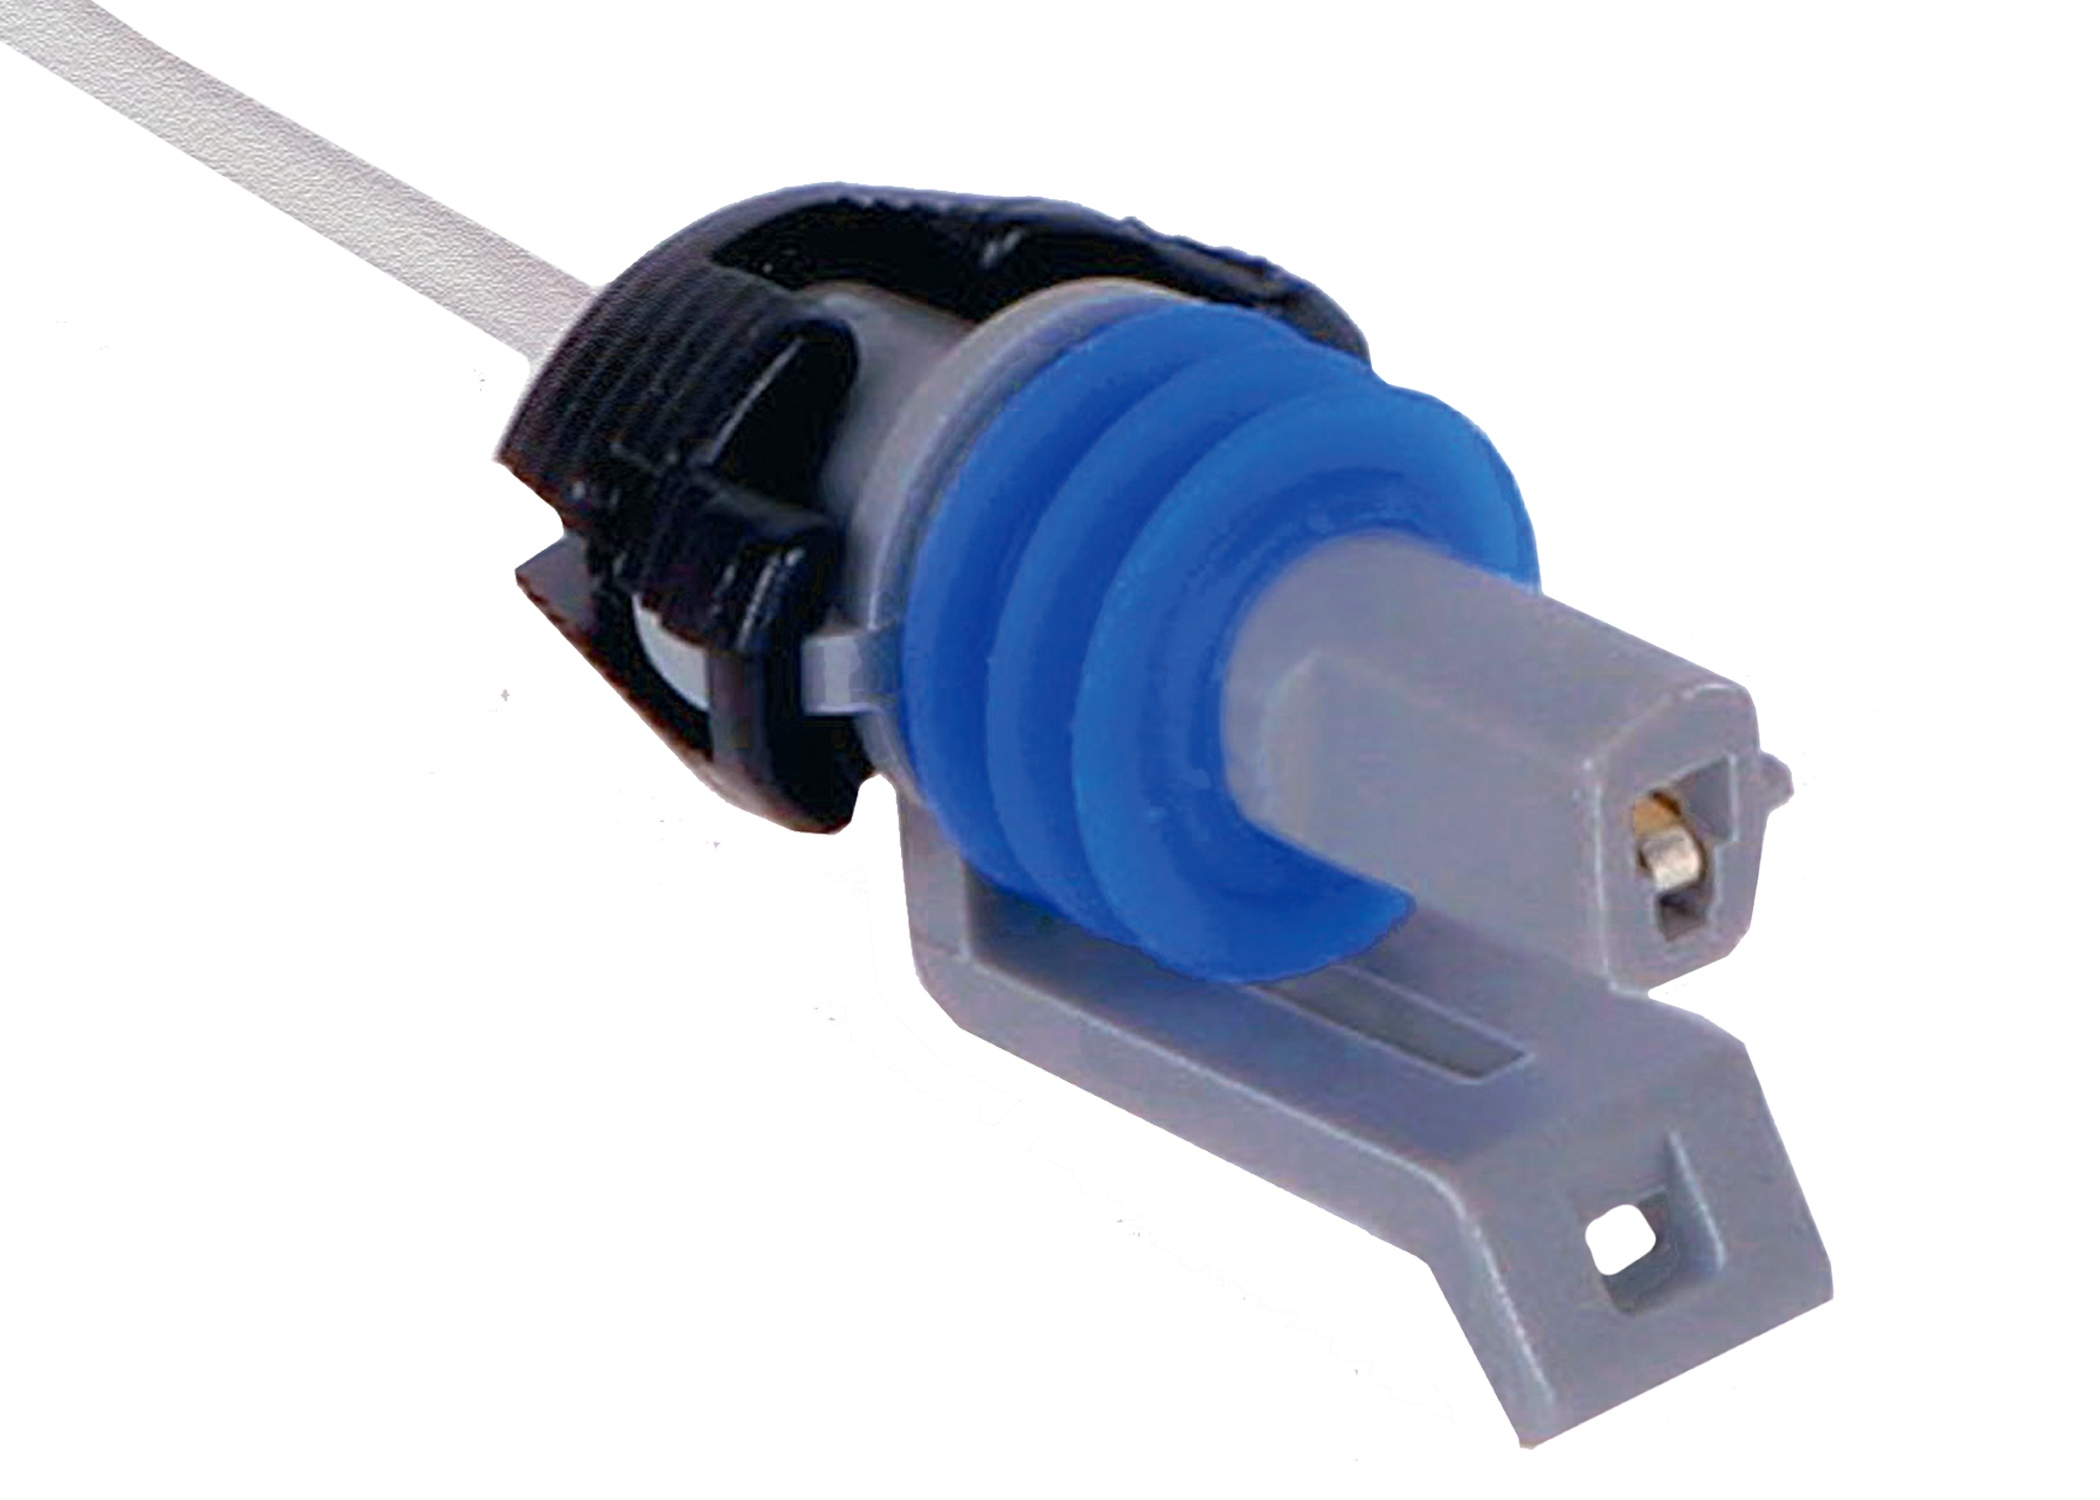 ACDELCO GM ORIGINAL EQUIPMENT - Ignition Knock (Detonation) Sensor Connector - DCB PT1233